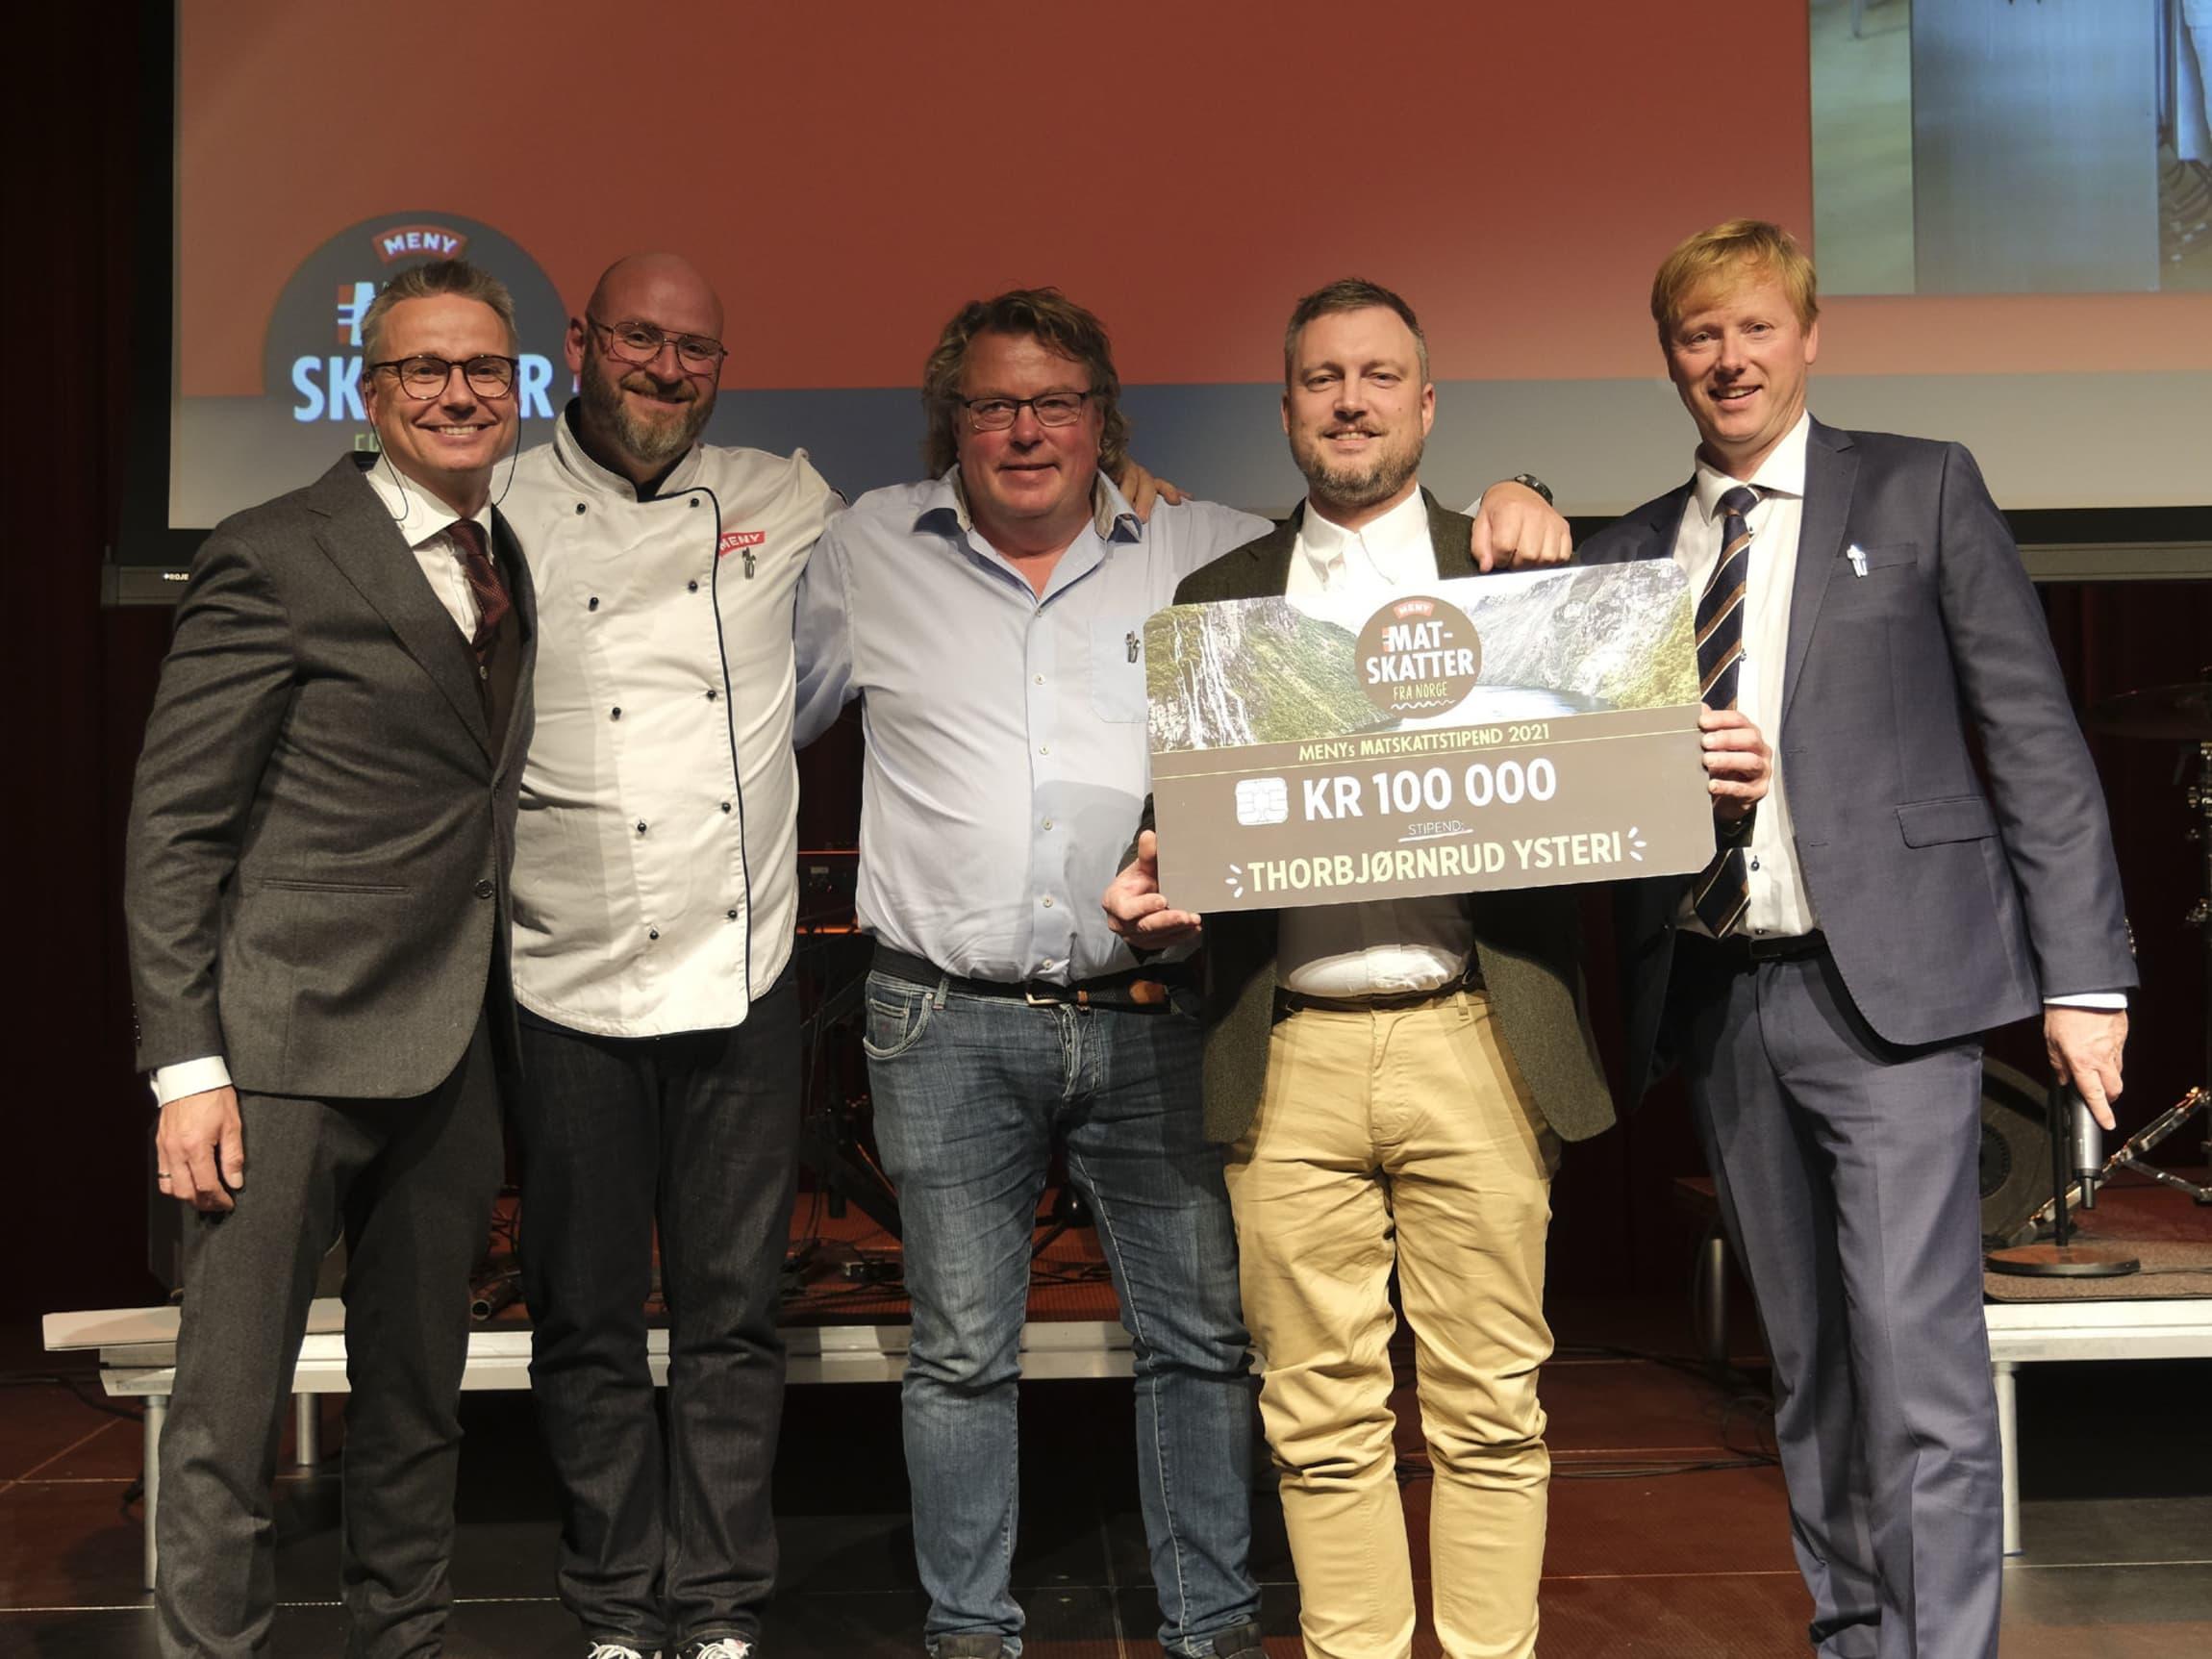 Thorbjørnrud Ysteri fikk stipend på kr 100.000. F.v: Eivind Haalien (NorgesGruppen), Espen Lie (MENY), Olav Lie-Nilsen, Yngve Strøm Tingstad, og Vegard Kjuus (MENY)